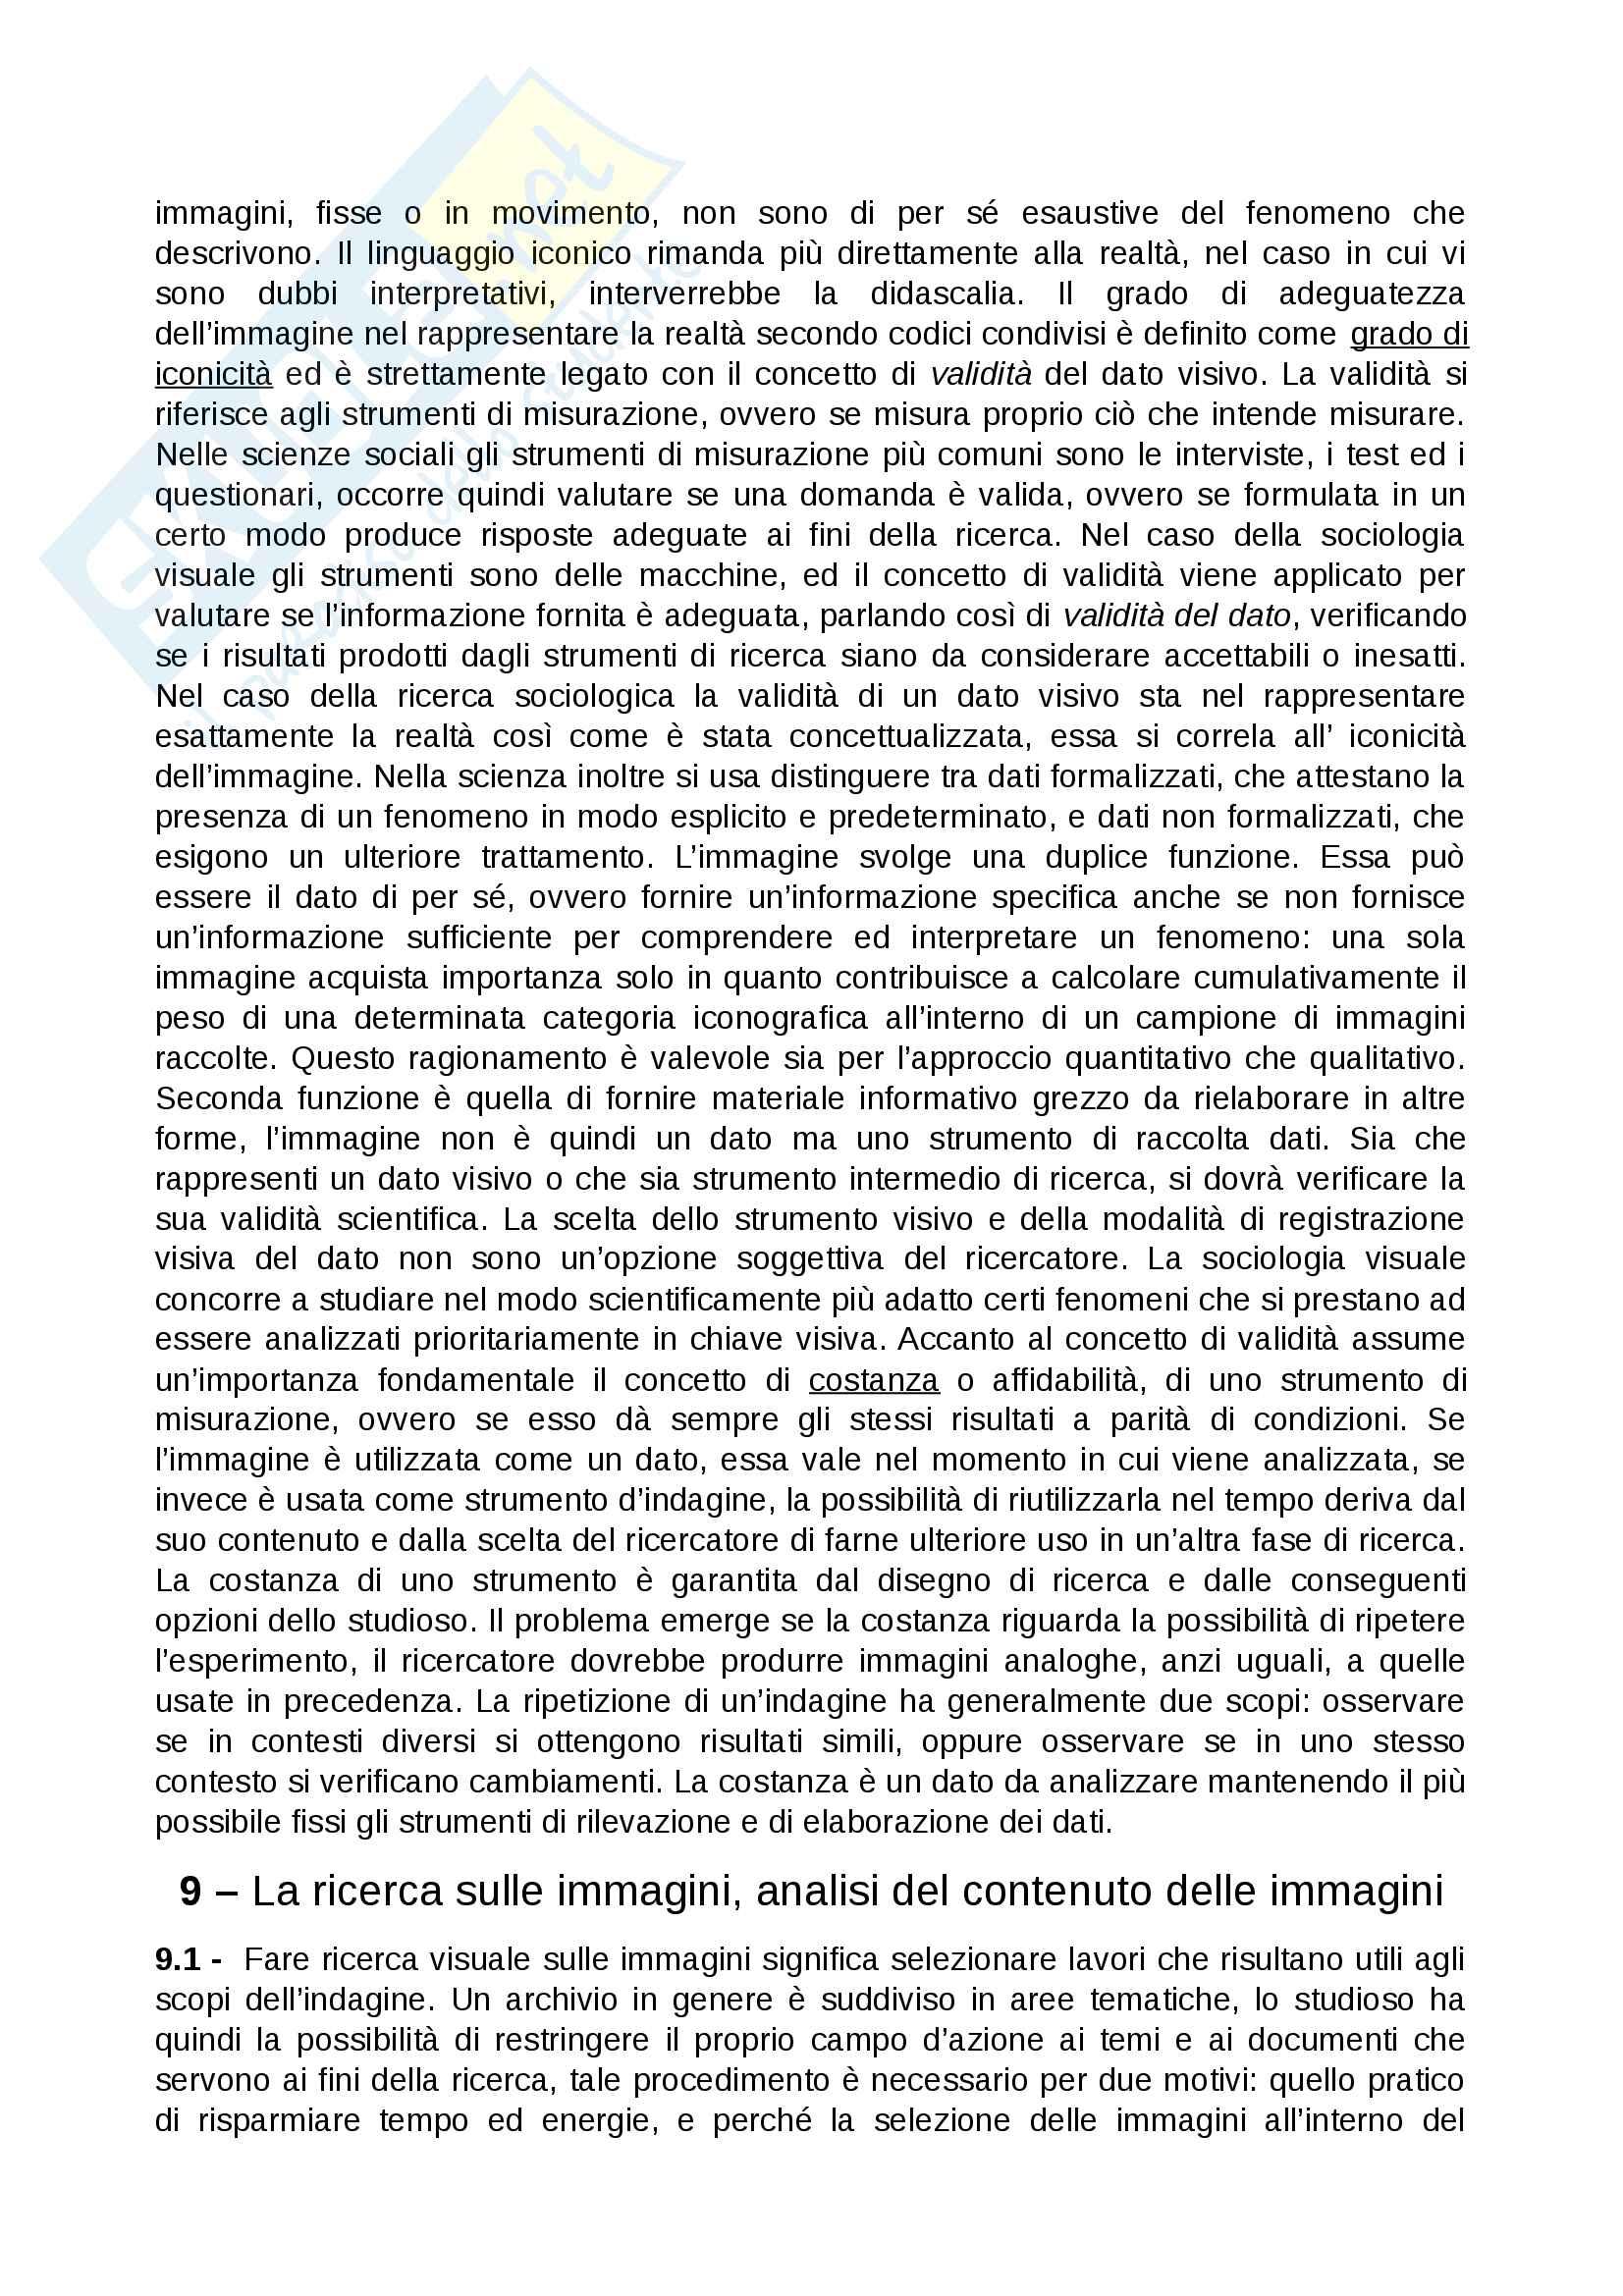 Riassunto esame Sociologia dei processi culturali, prof. Mattioli, libro consigliato La sociologia visuale, che cos'è e come si fa, Mattioli Pag. 16